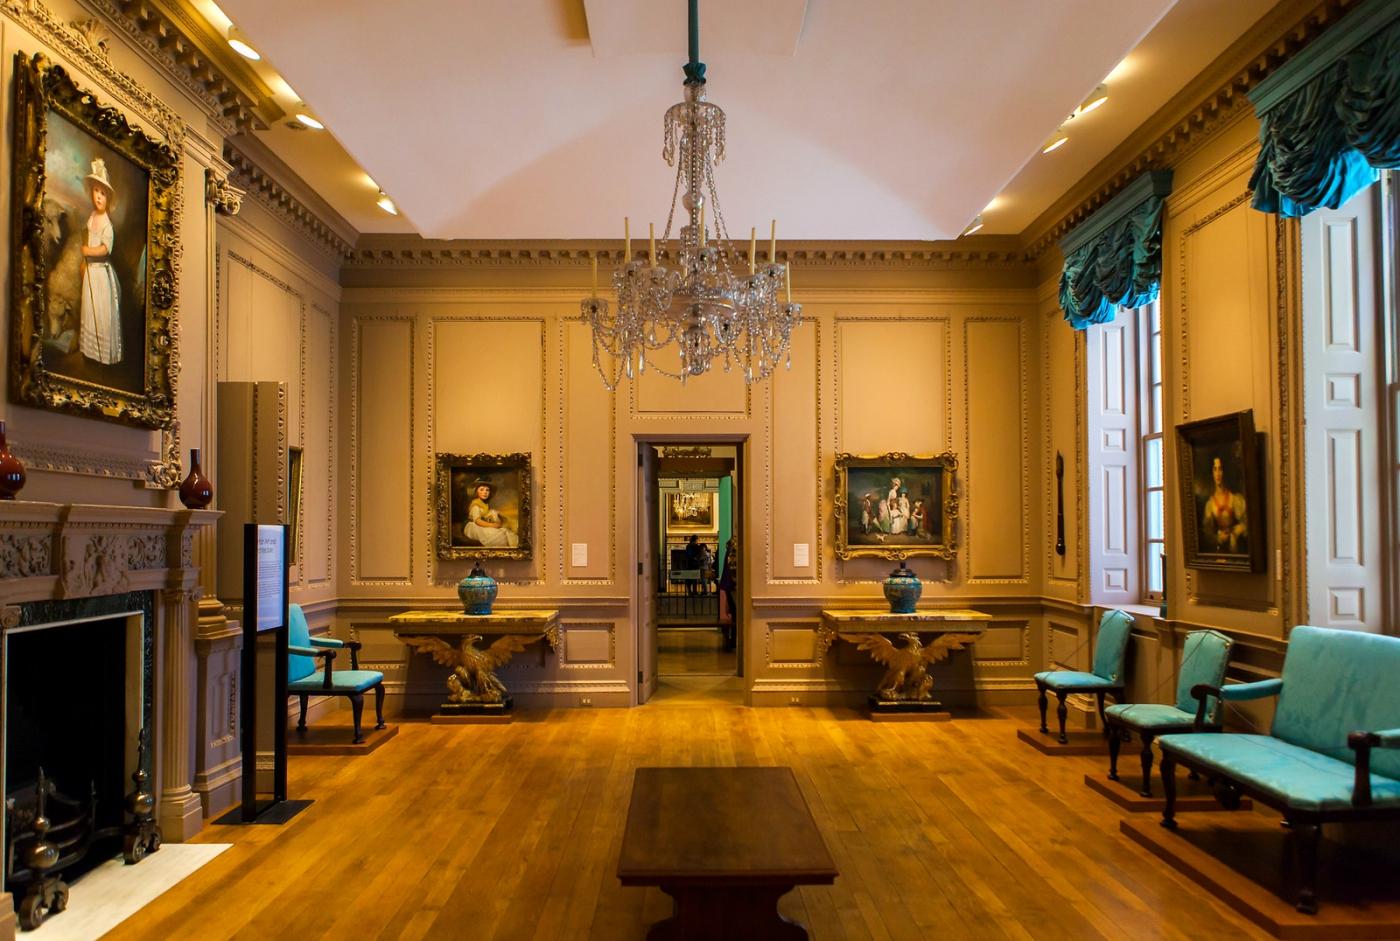 费城艺术博物馆,看展品布局_图1-8